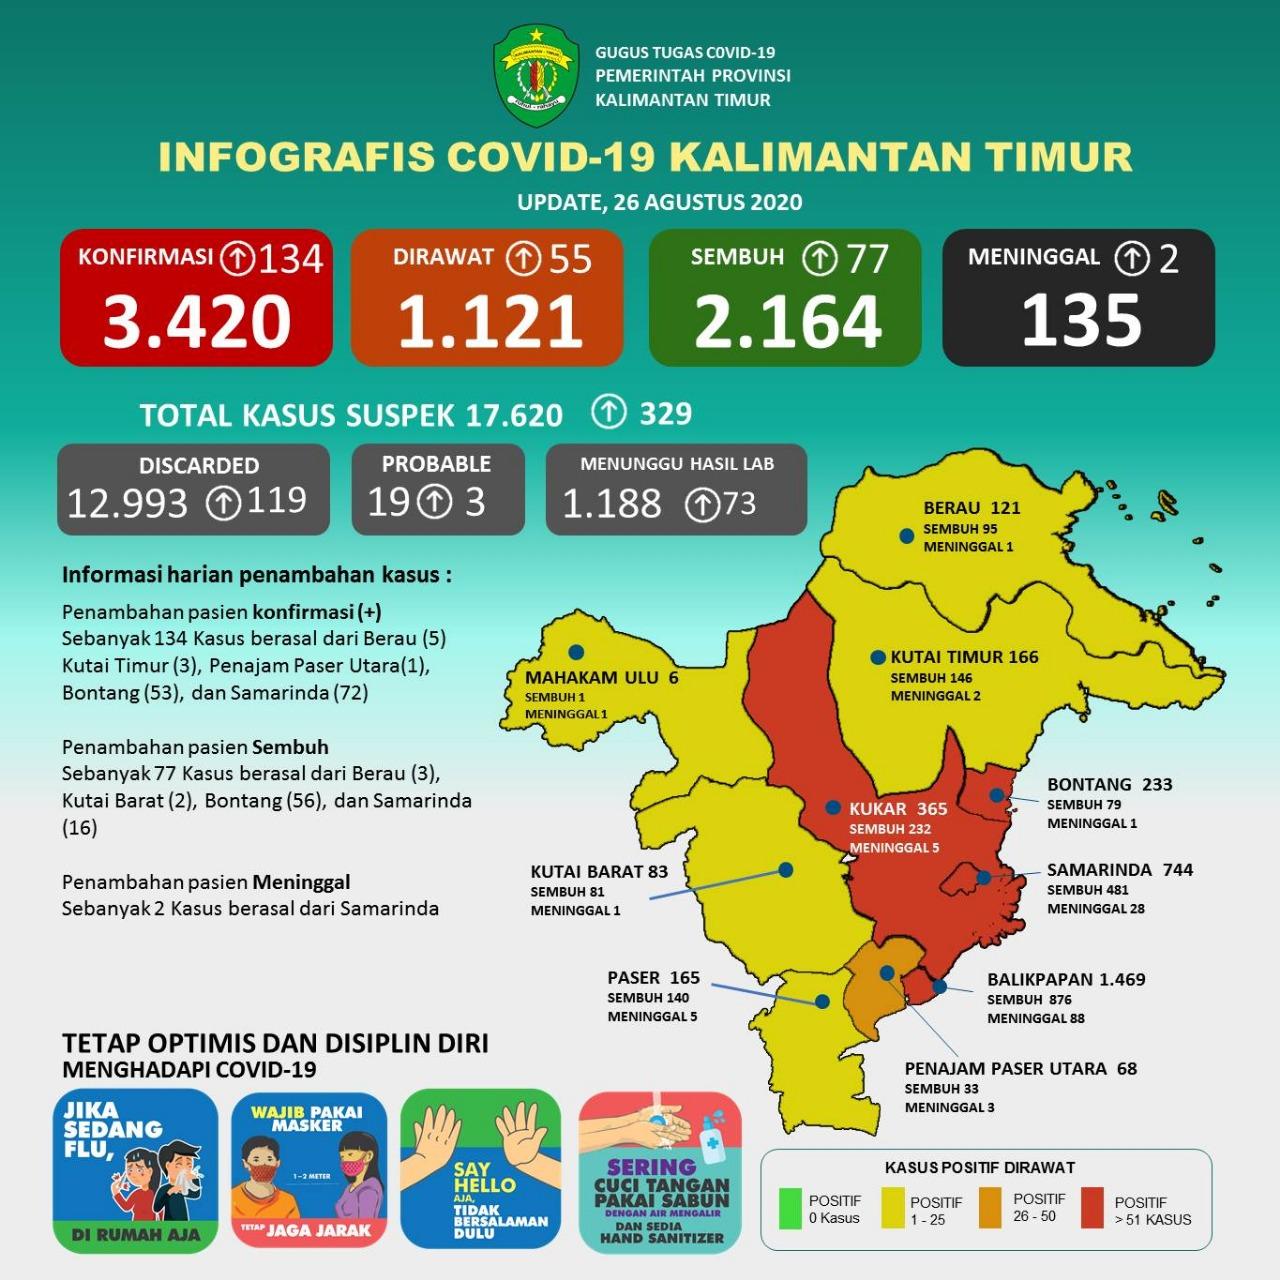 135 Kasus Kematian Covid-19 di Kaltim, Andi: Mendekati Persentase Nasional